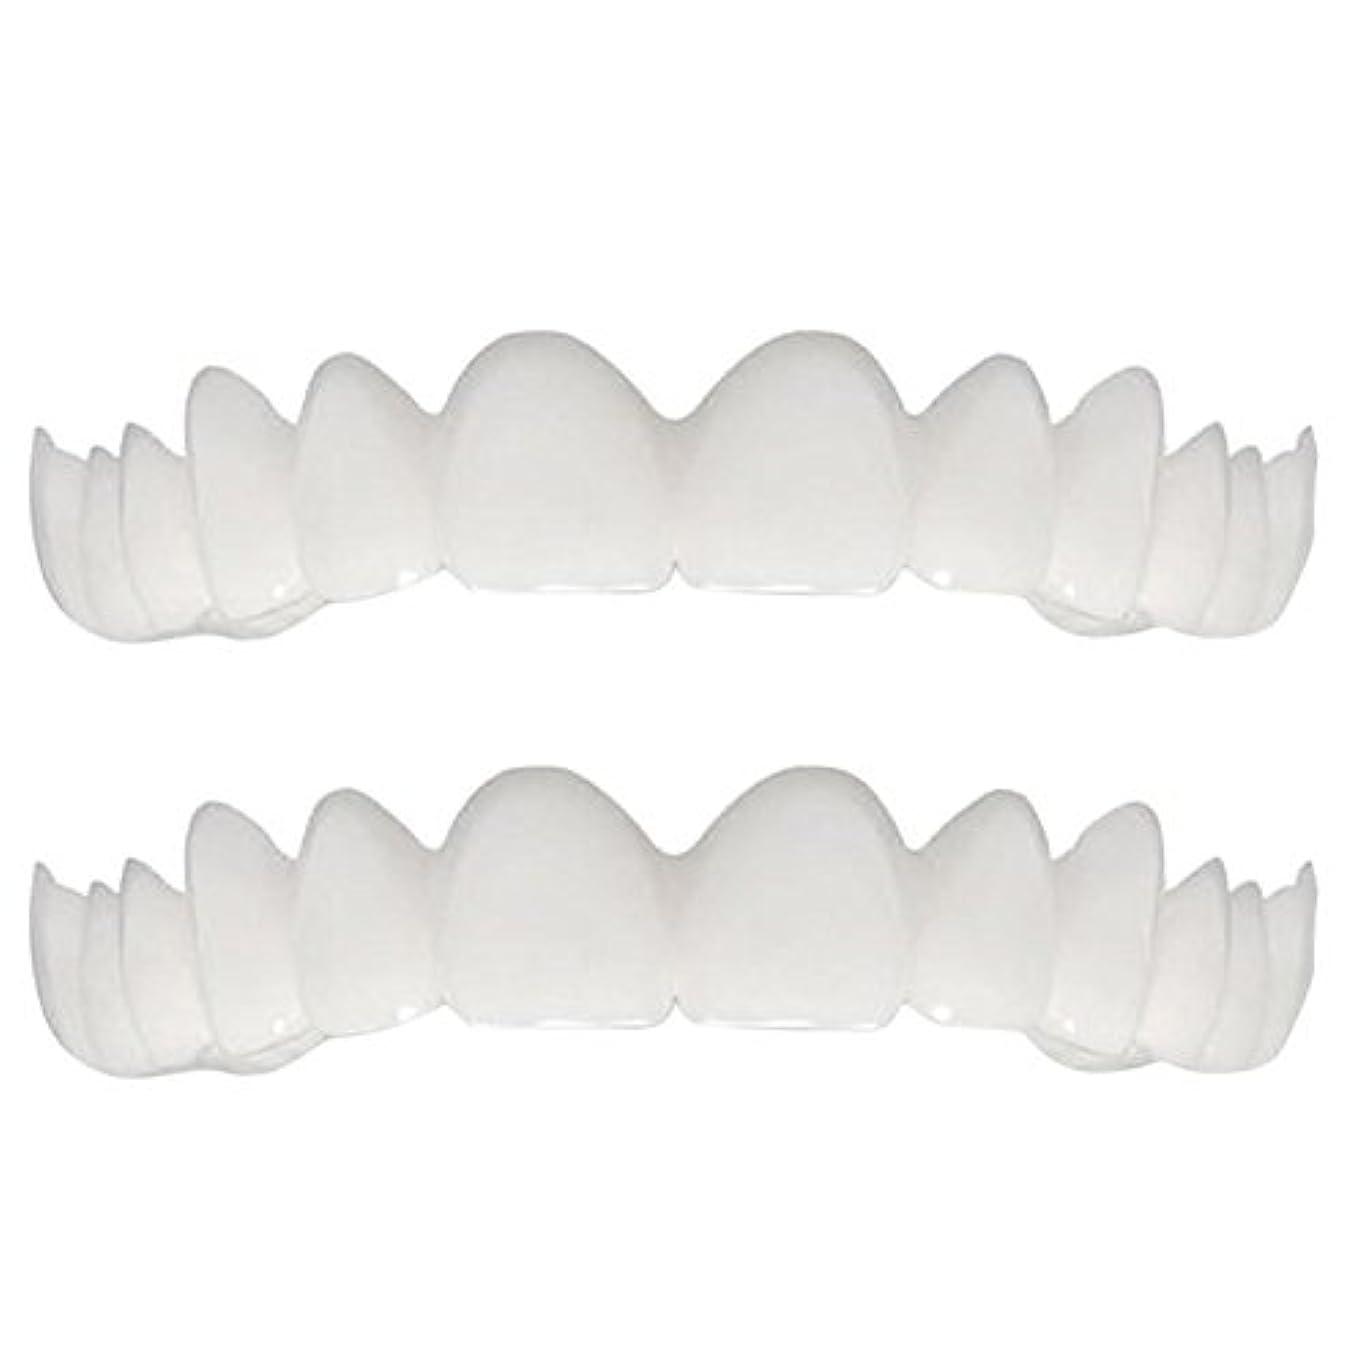 オペレーター試用政治的柔らかい歯の義歯を装着したシリコンシミュレーションの上下の義歯ブレース(1セット),Colorbox